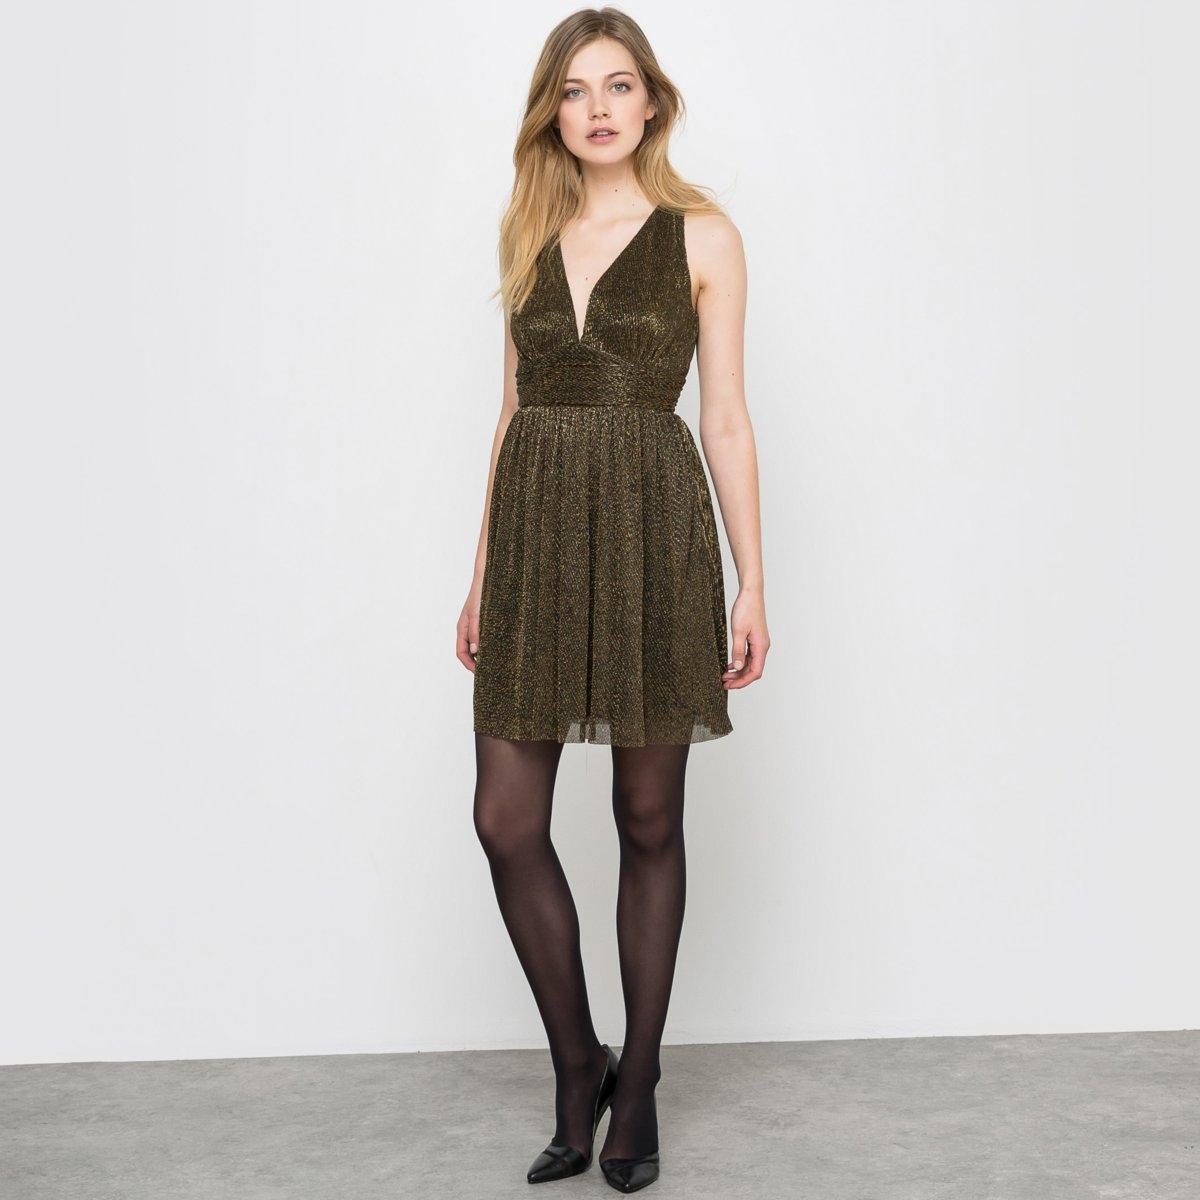 цены на Платье Soft Grey с вырезом спереди и сзади в интернет-магазинах